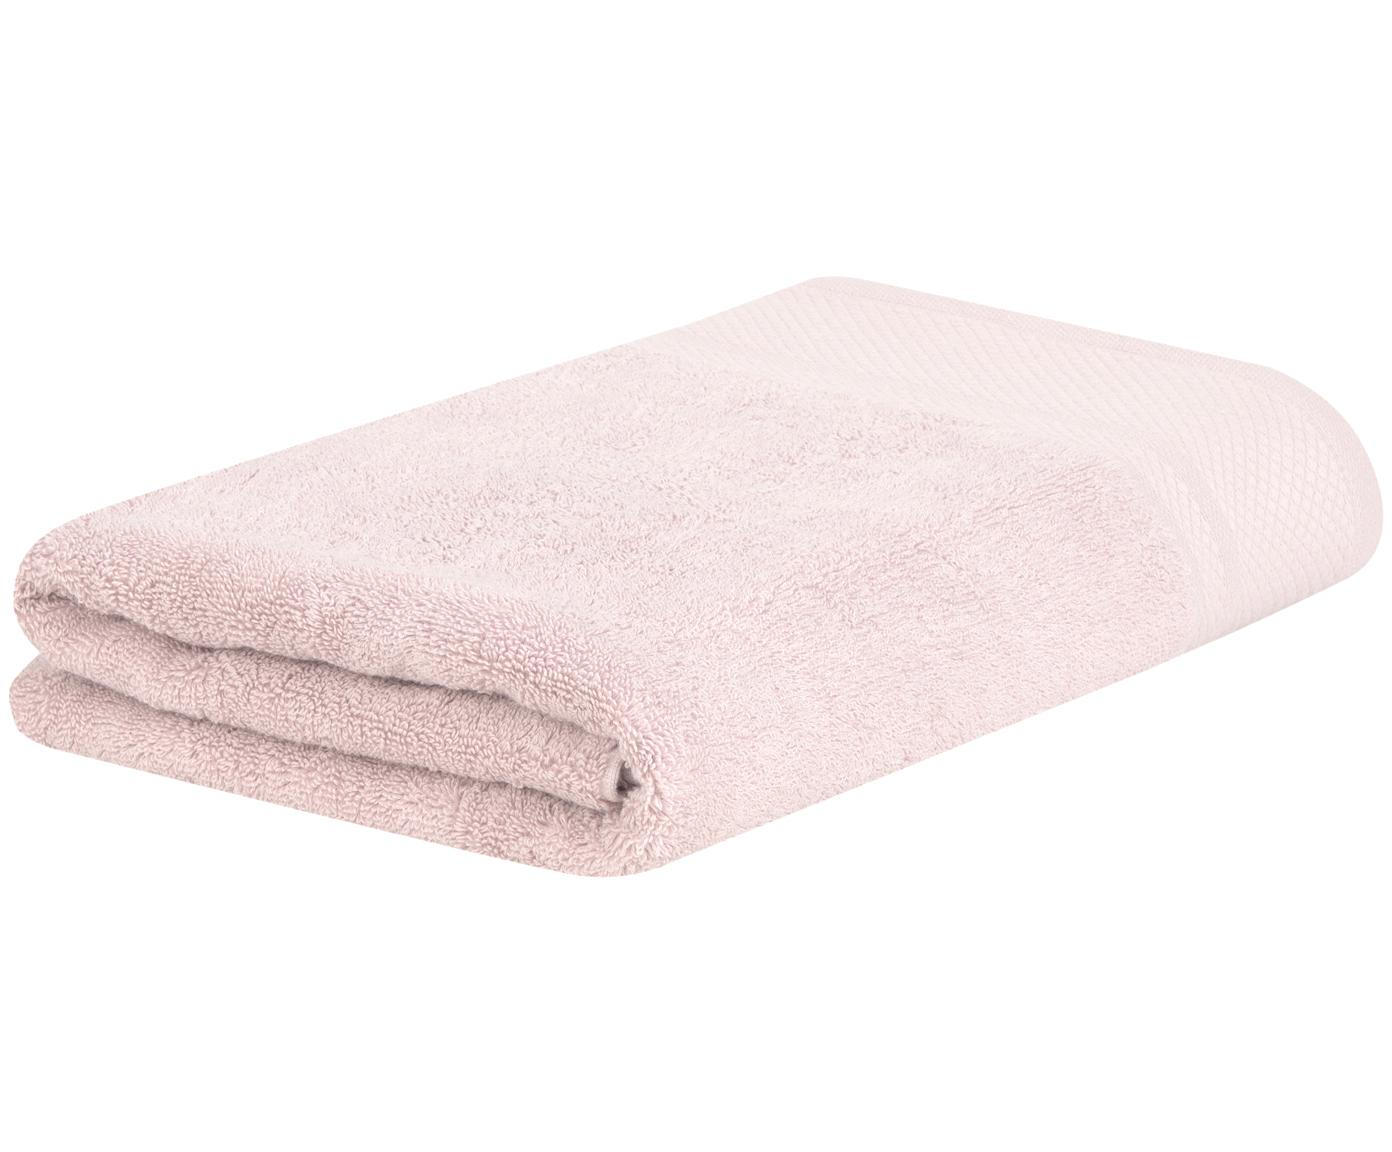 Handtuch Premium in verschiedenen Größen, mit klassischer Zierbordüre, Altrosa, Duschtuch